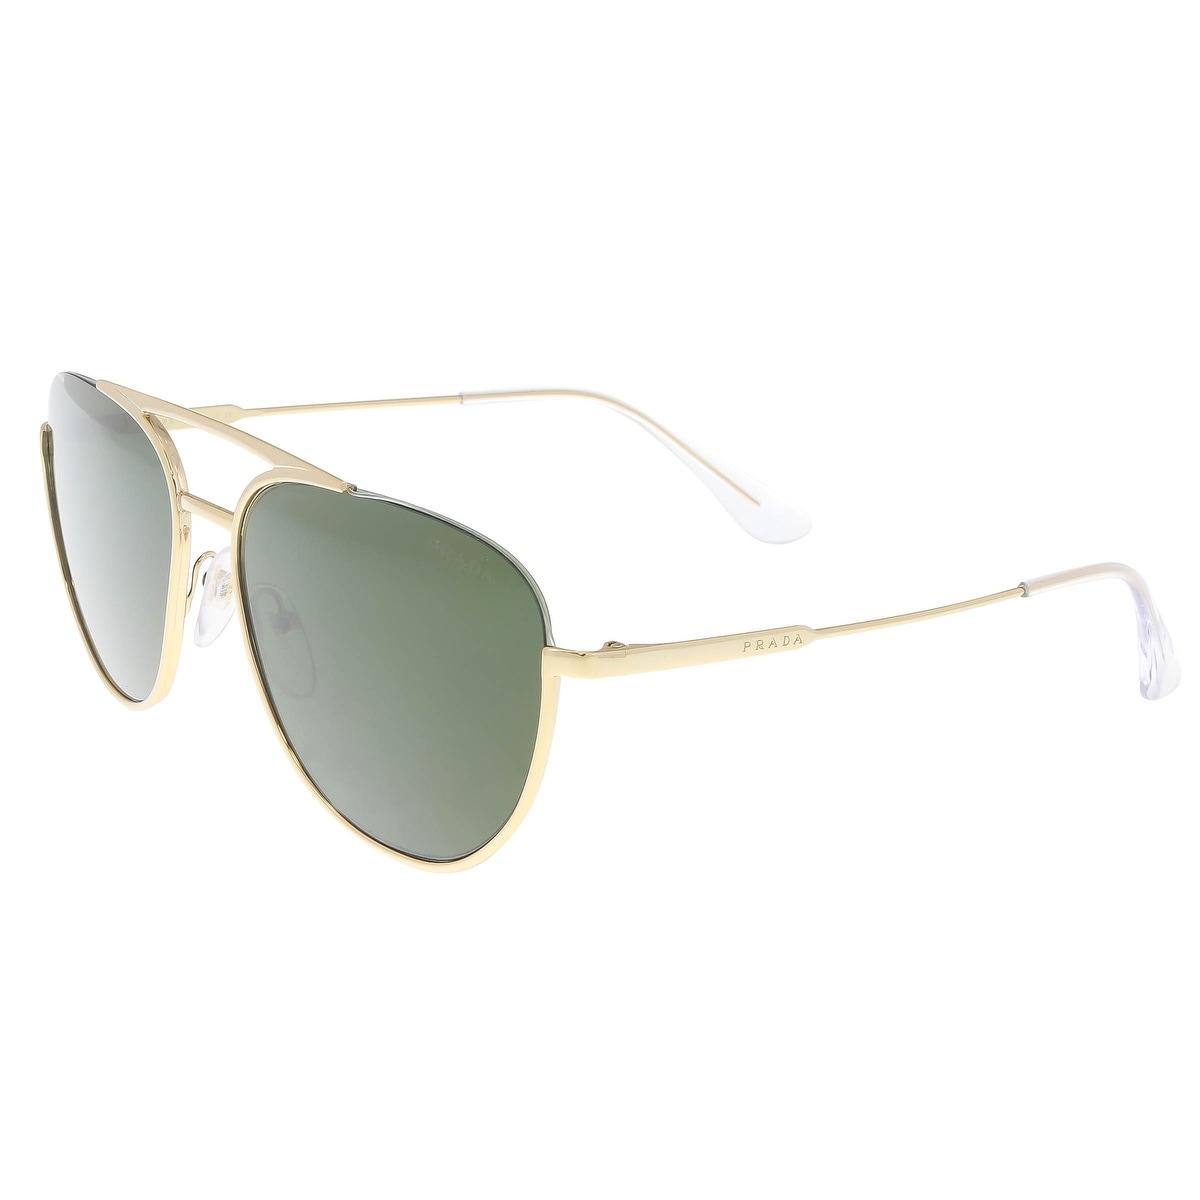 4907378aa91 Aviator Men s Sunglasses